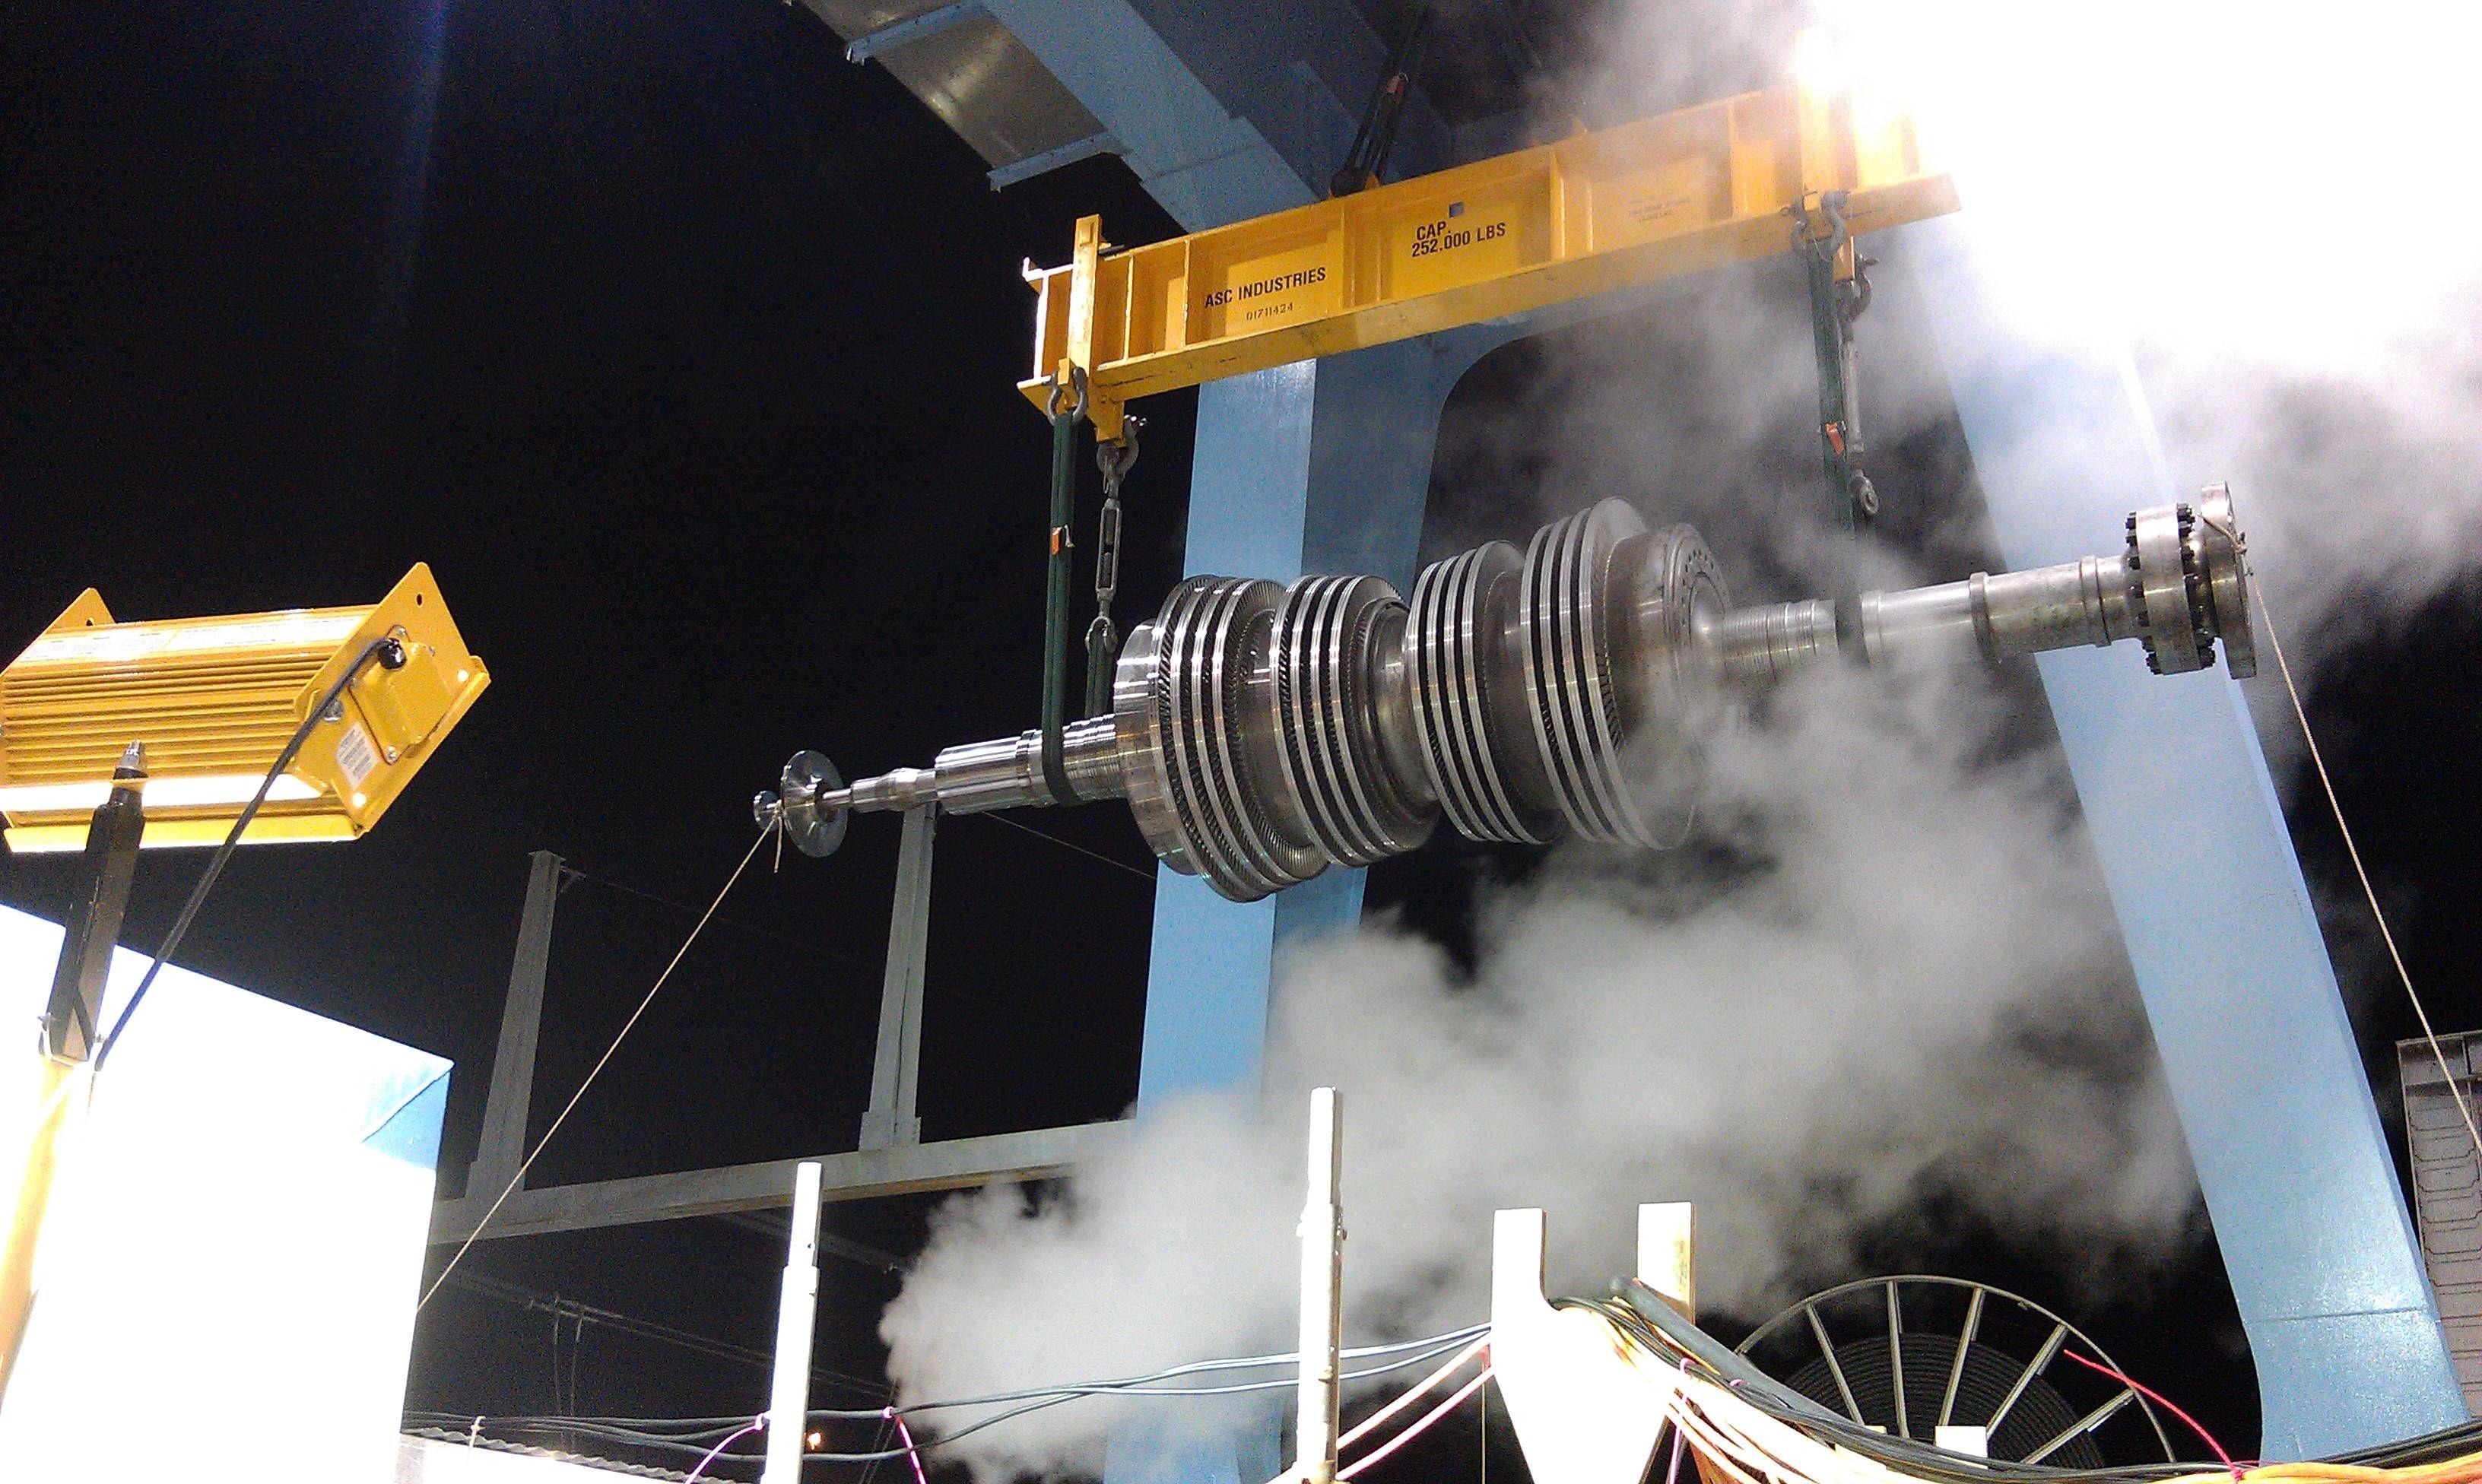 Nuclear steam turbine by Siemens